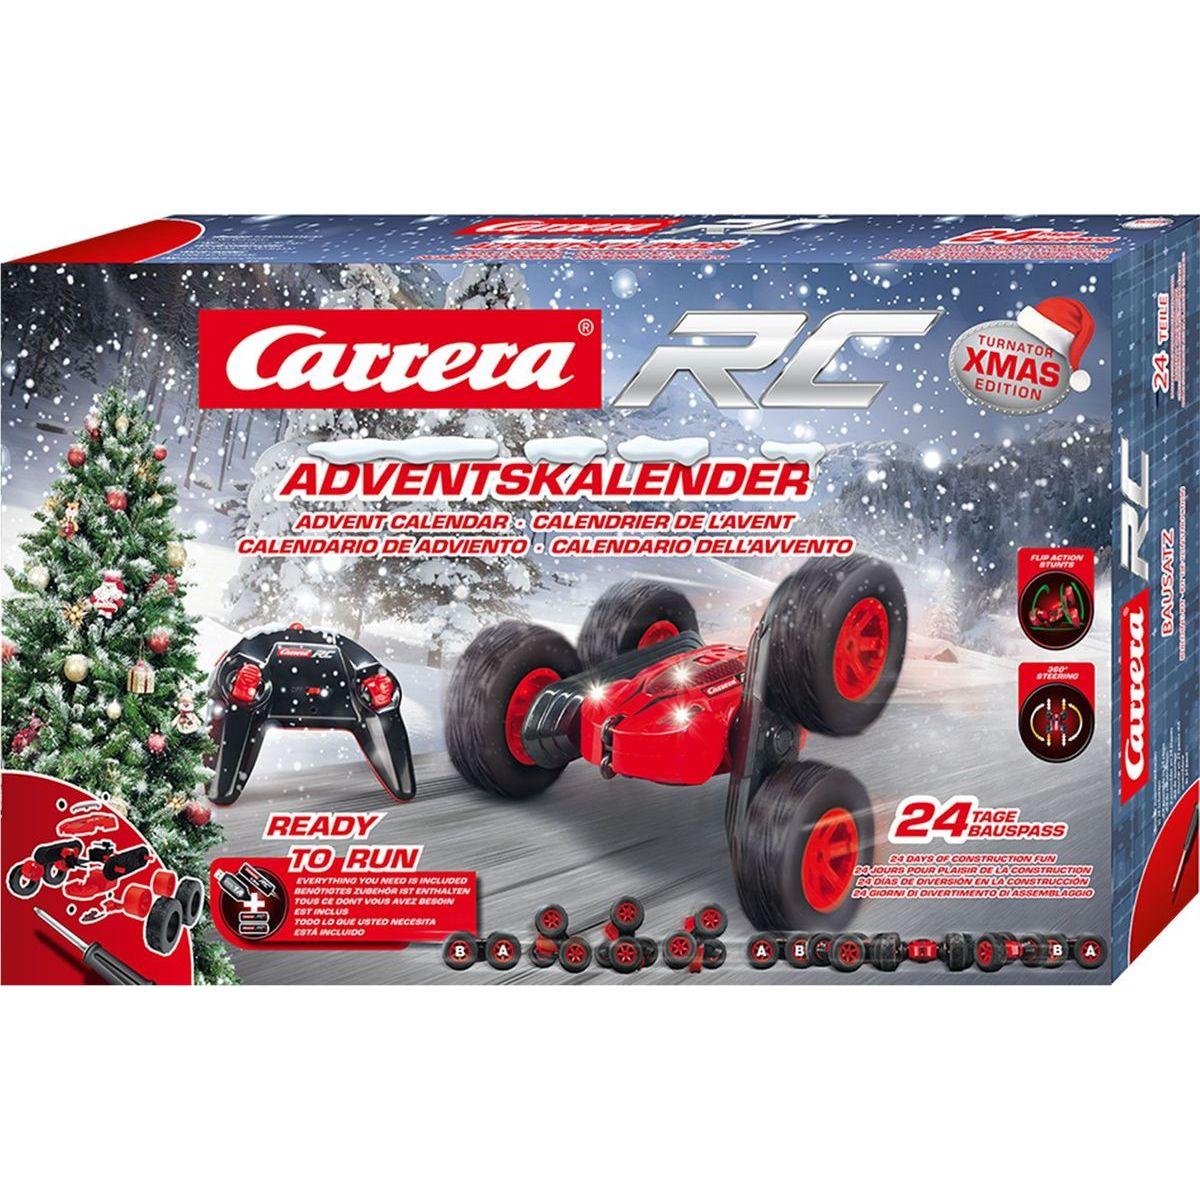 Carrera Adventní kalendář RC Turnator